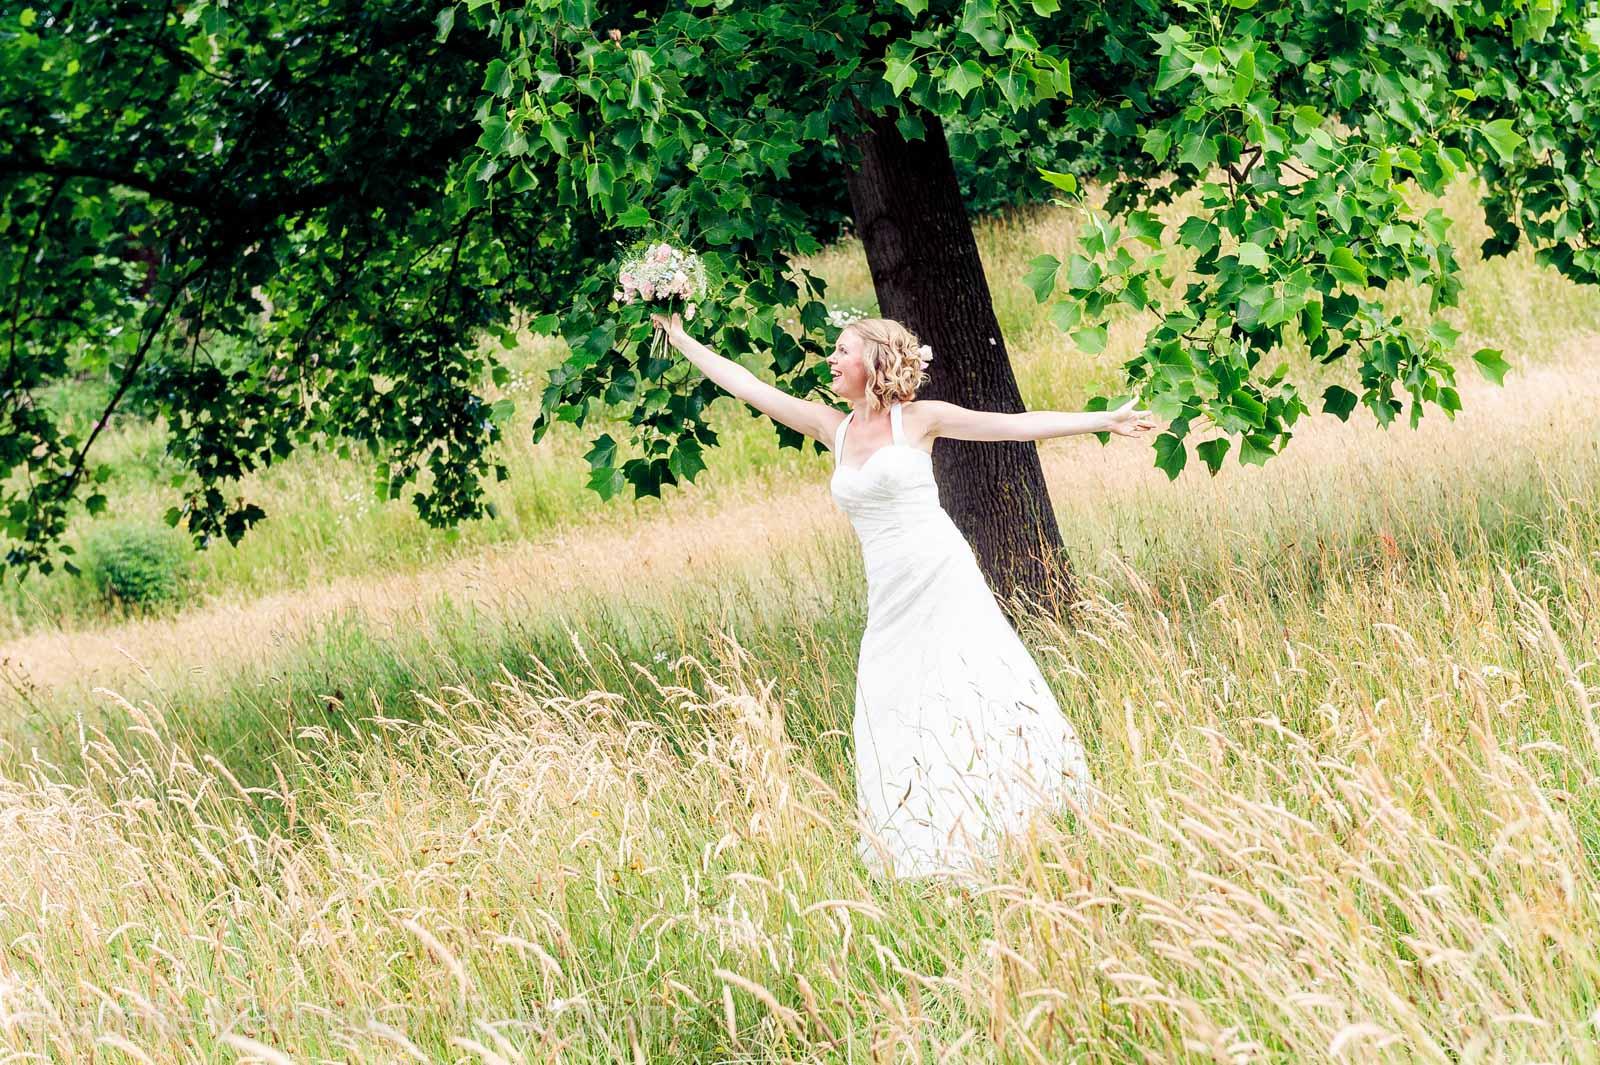 Dansen in het veld